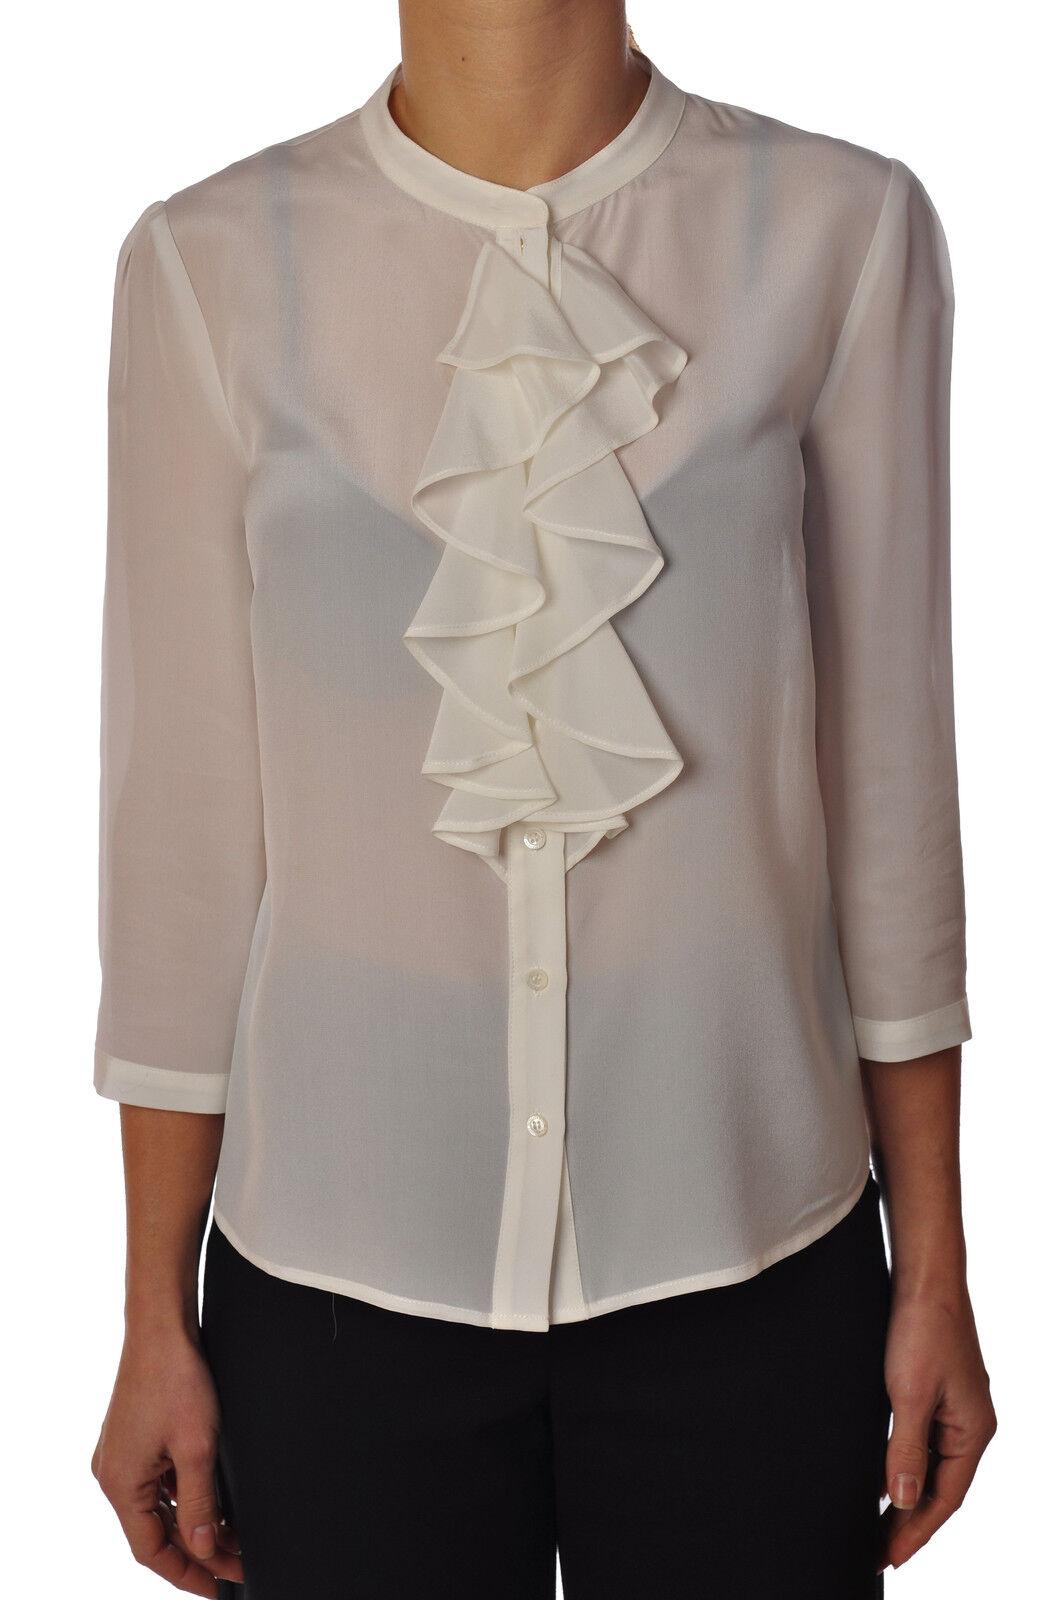 Patrizia Pepe - Blausen-Shirt - Frau - Weiß - 3279210D190642